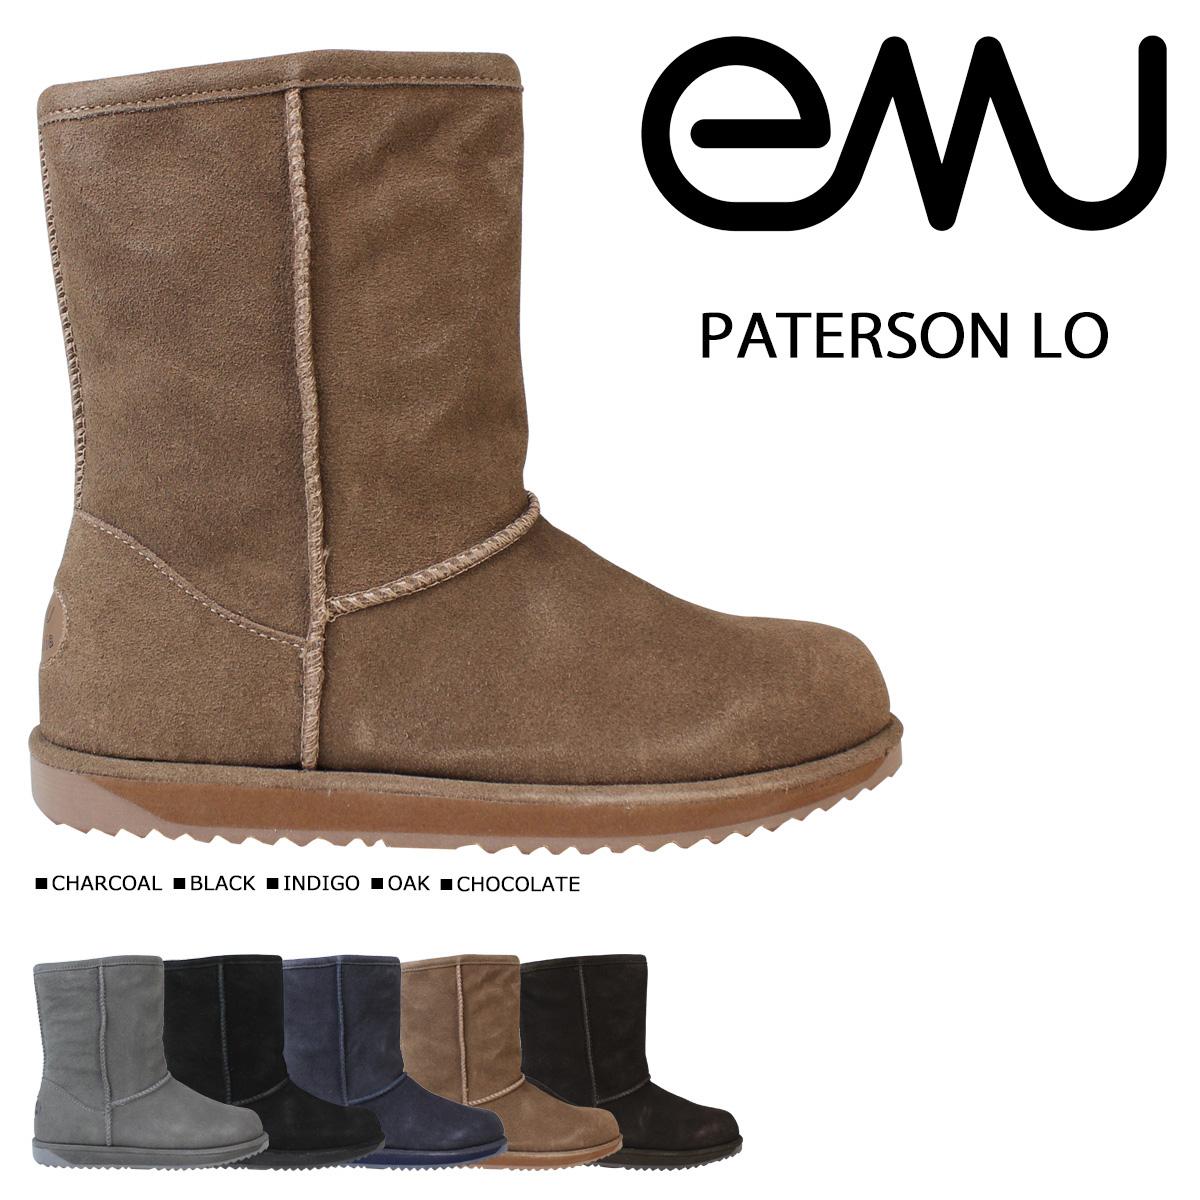 エミュー emu パターソン ロー ムートンブーツ PATERSON LO W10771 レディース